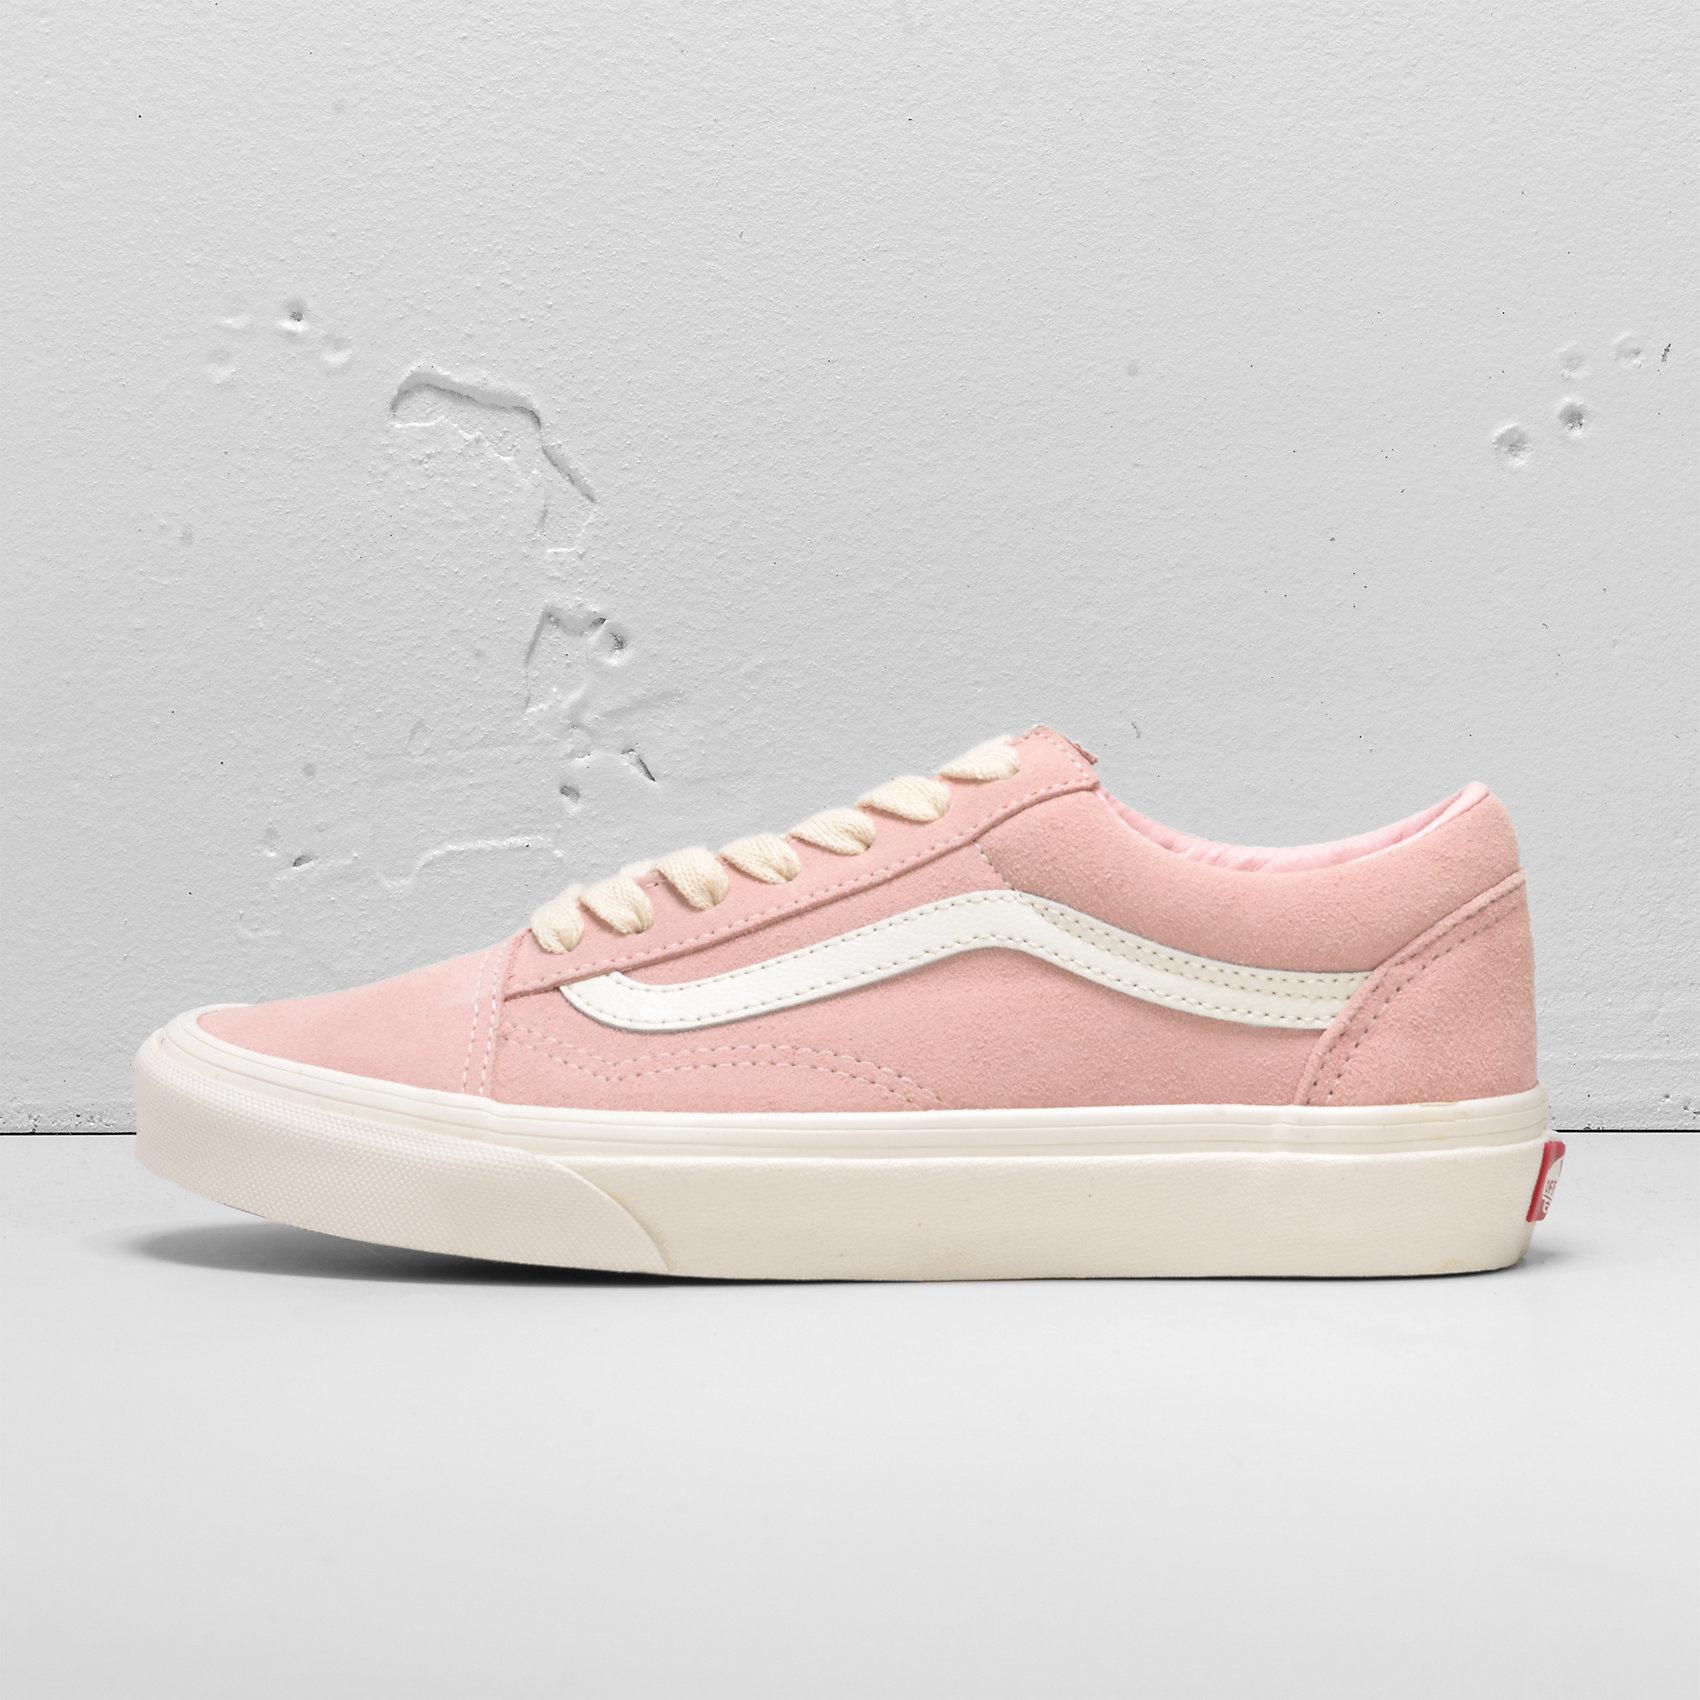 9d1e3d2c8873e5 Neu VANS Old Skool Sneakers 7011056 für Damen rosa